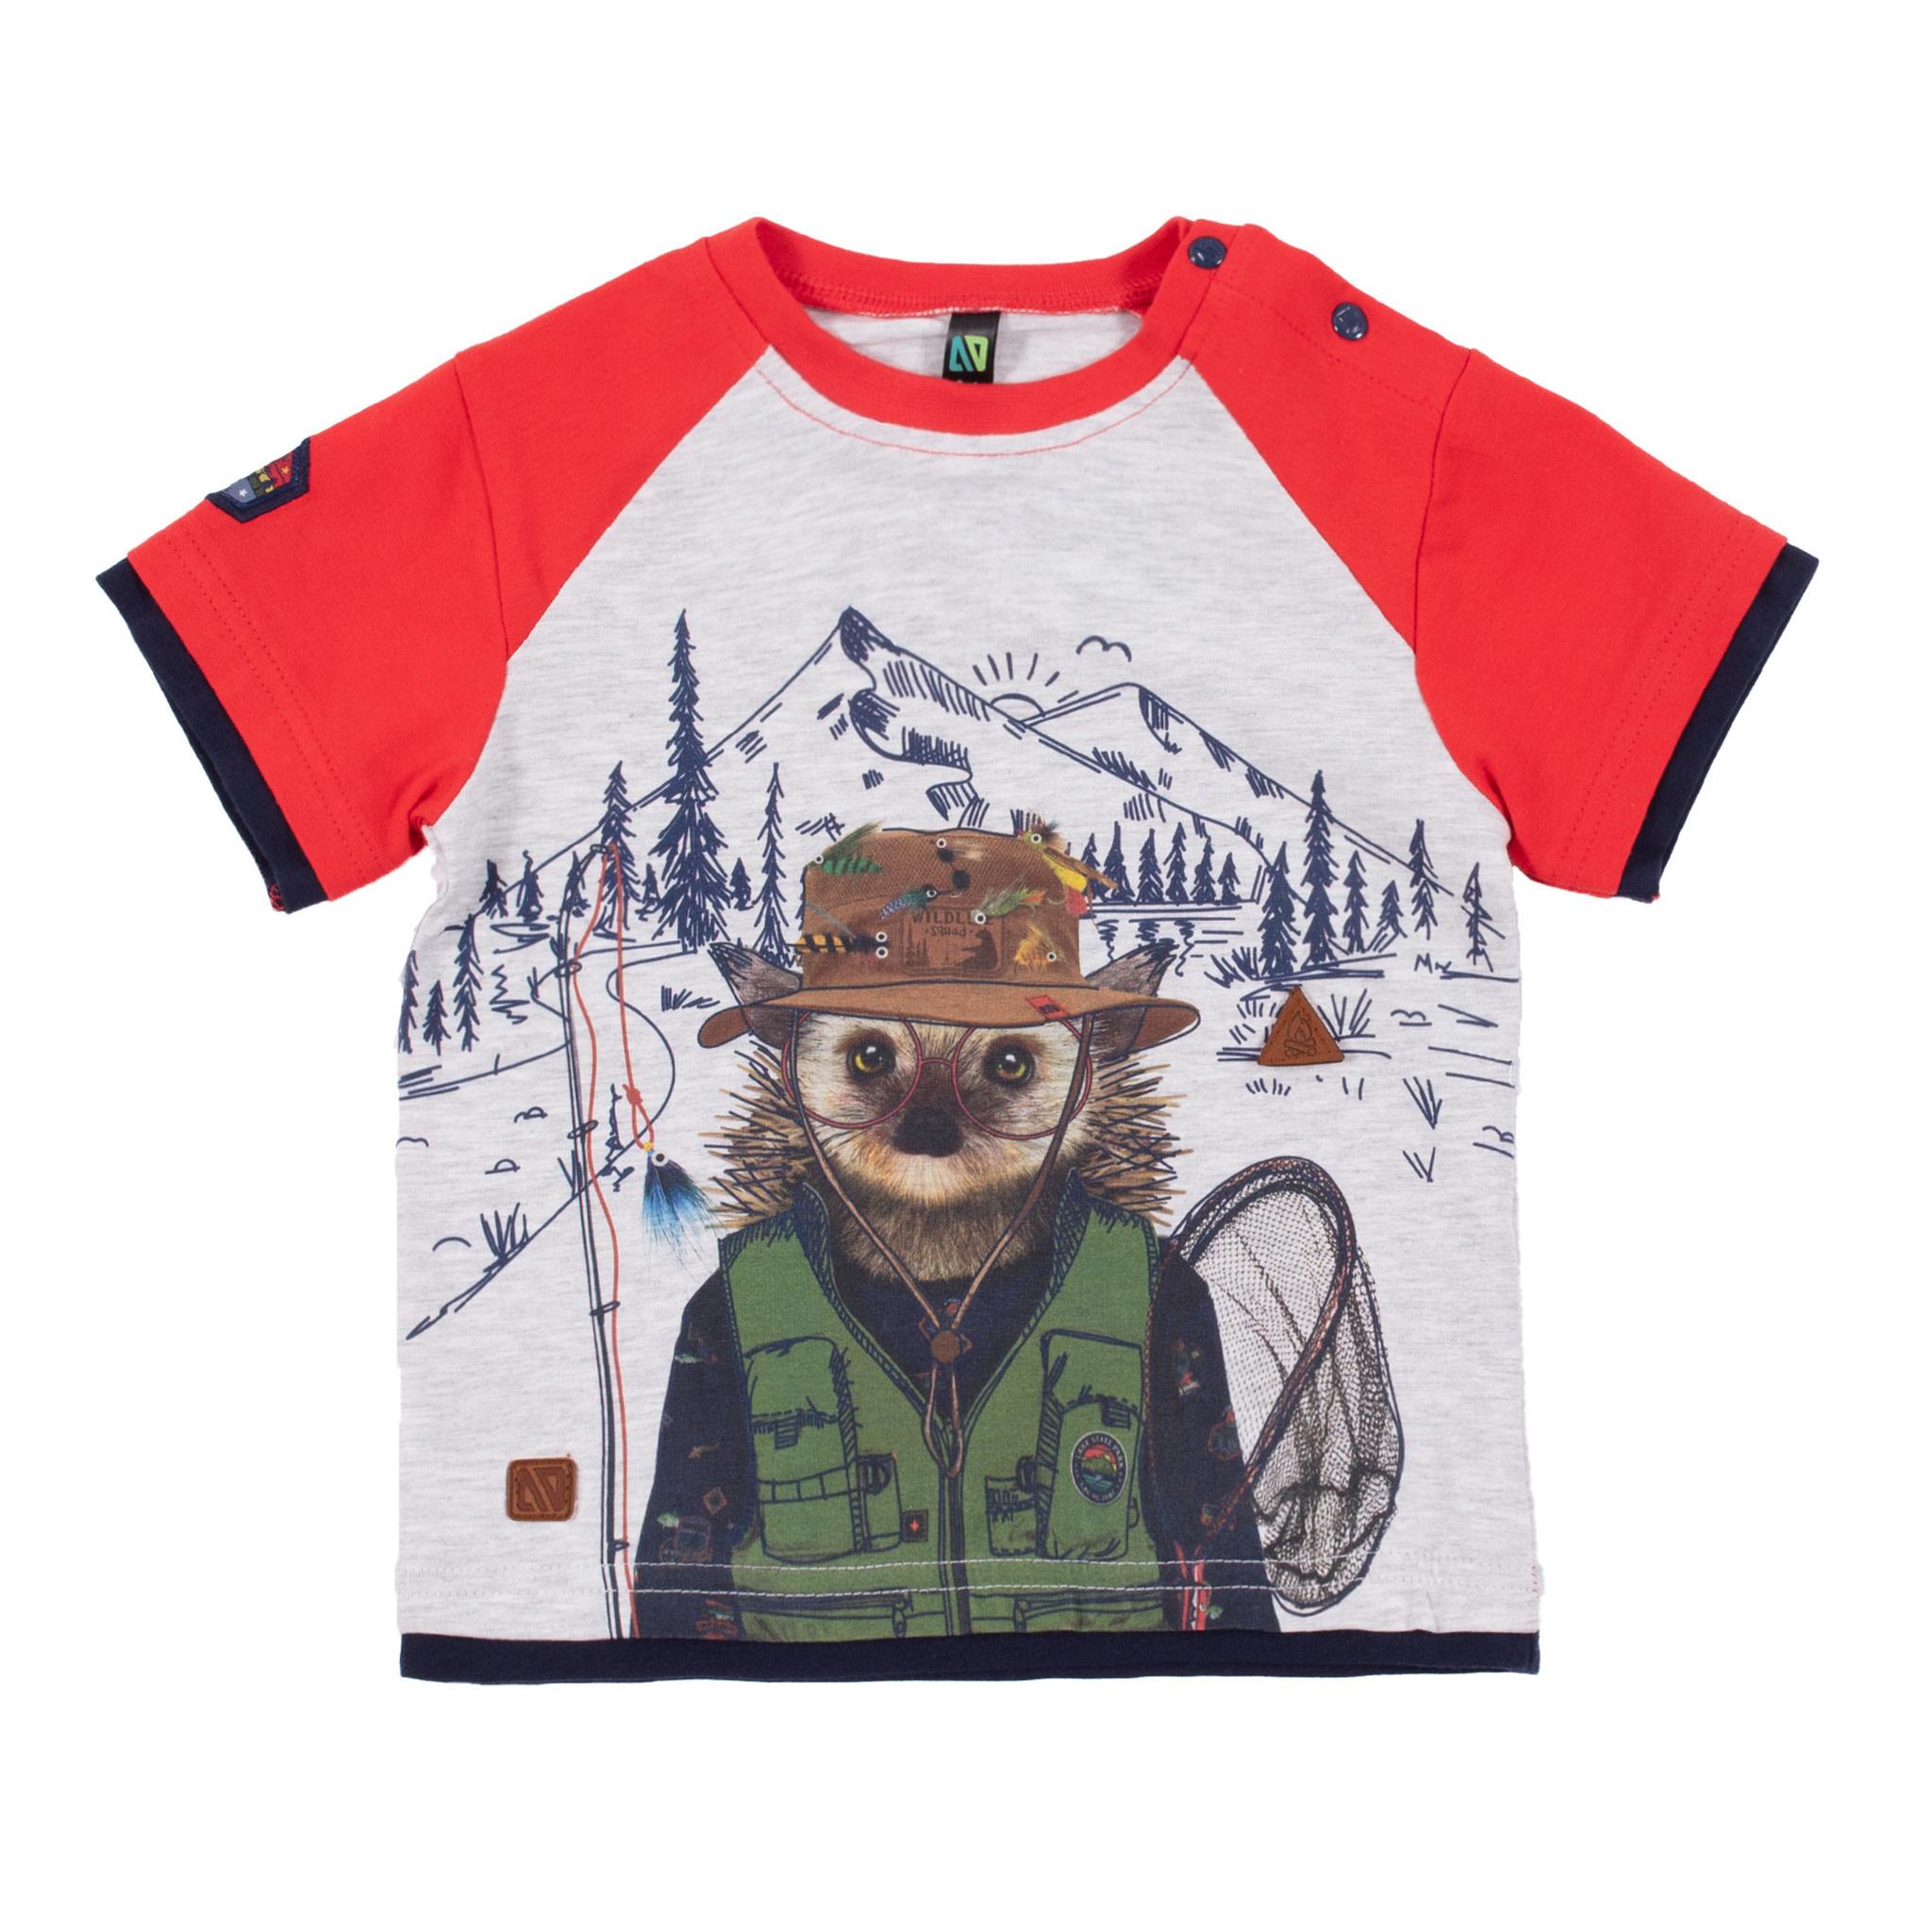 T-Shirt avec illustration Comme un poisson-1